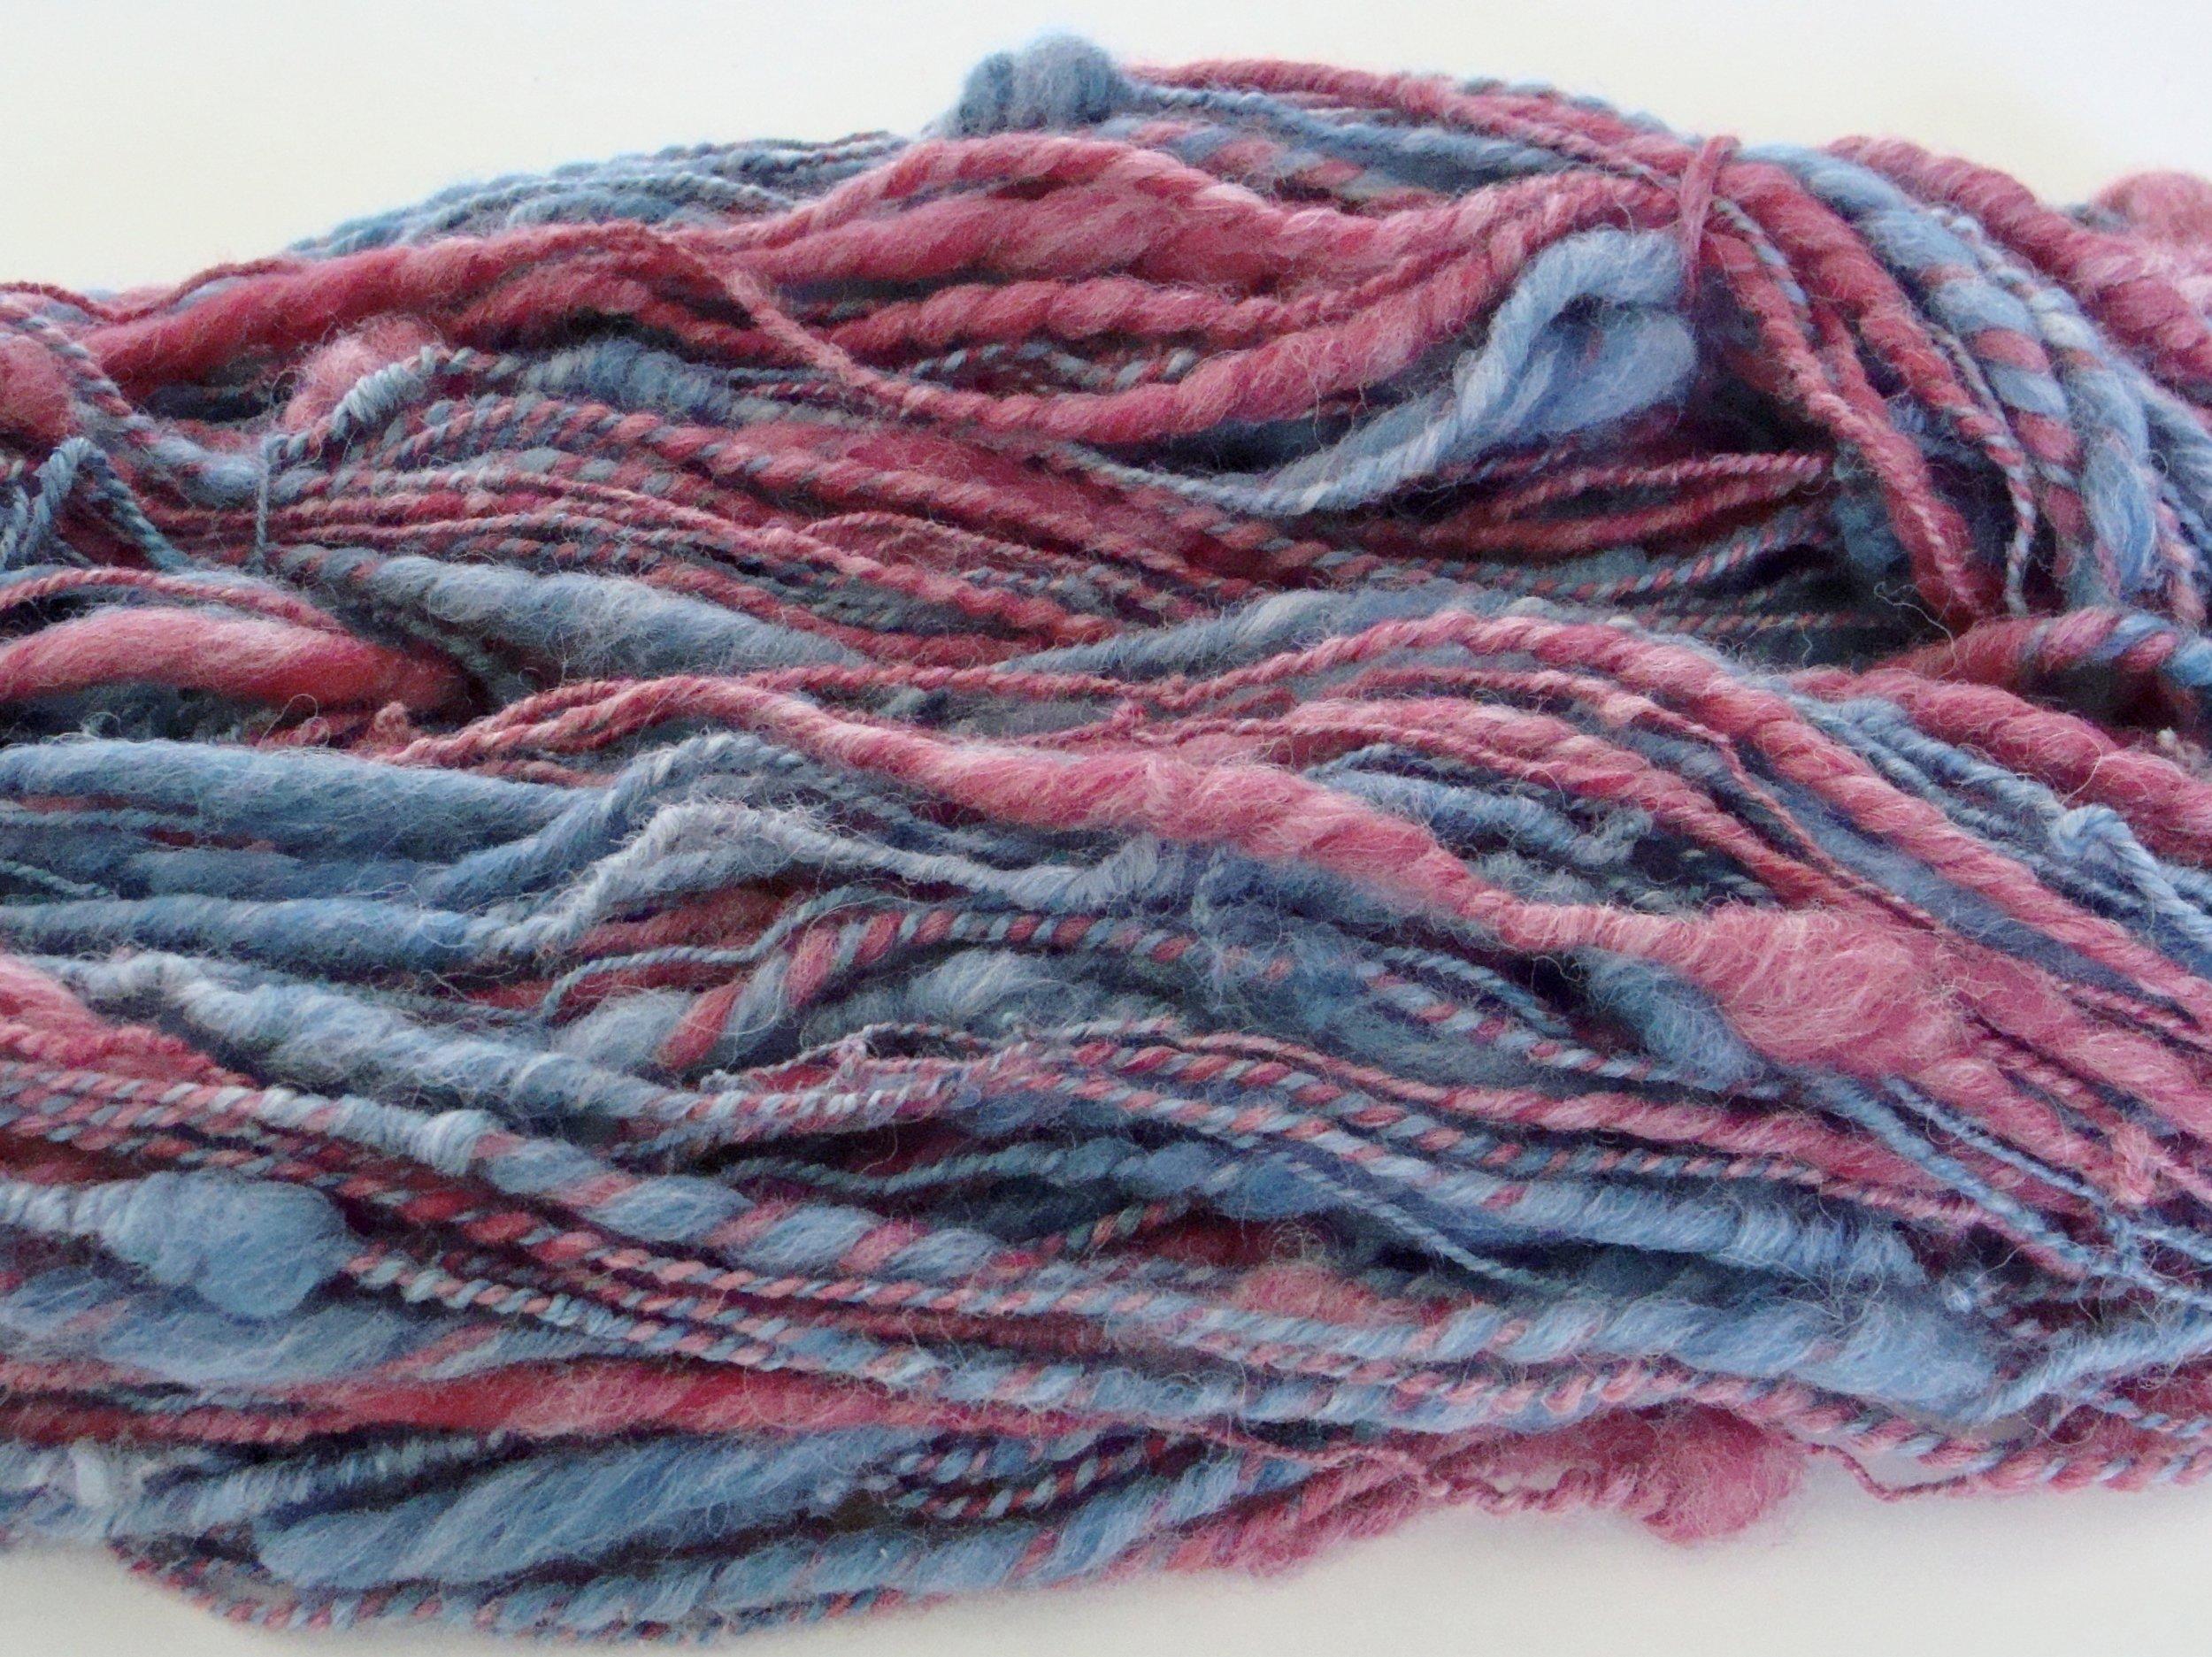 2 ply handspun thick and thin yarn alpaca merino blend